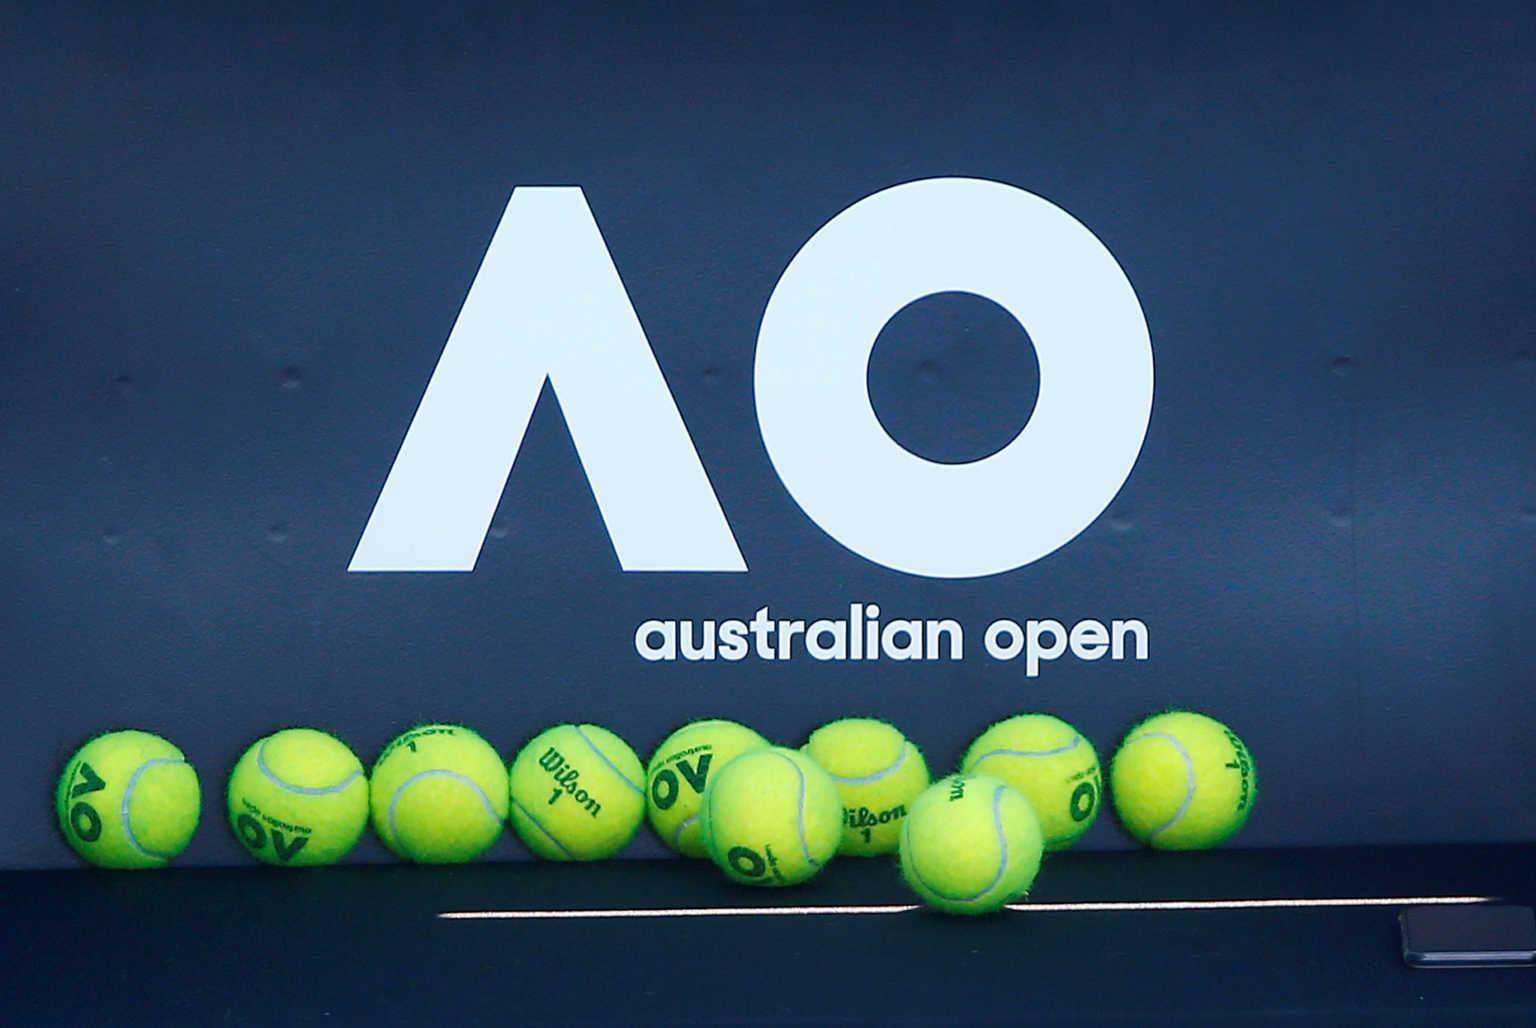 Το Australian Open βάζει στοπ στους ανεμβολίαστους